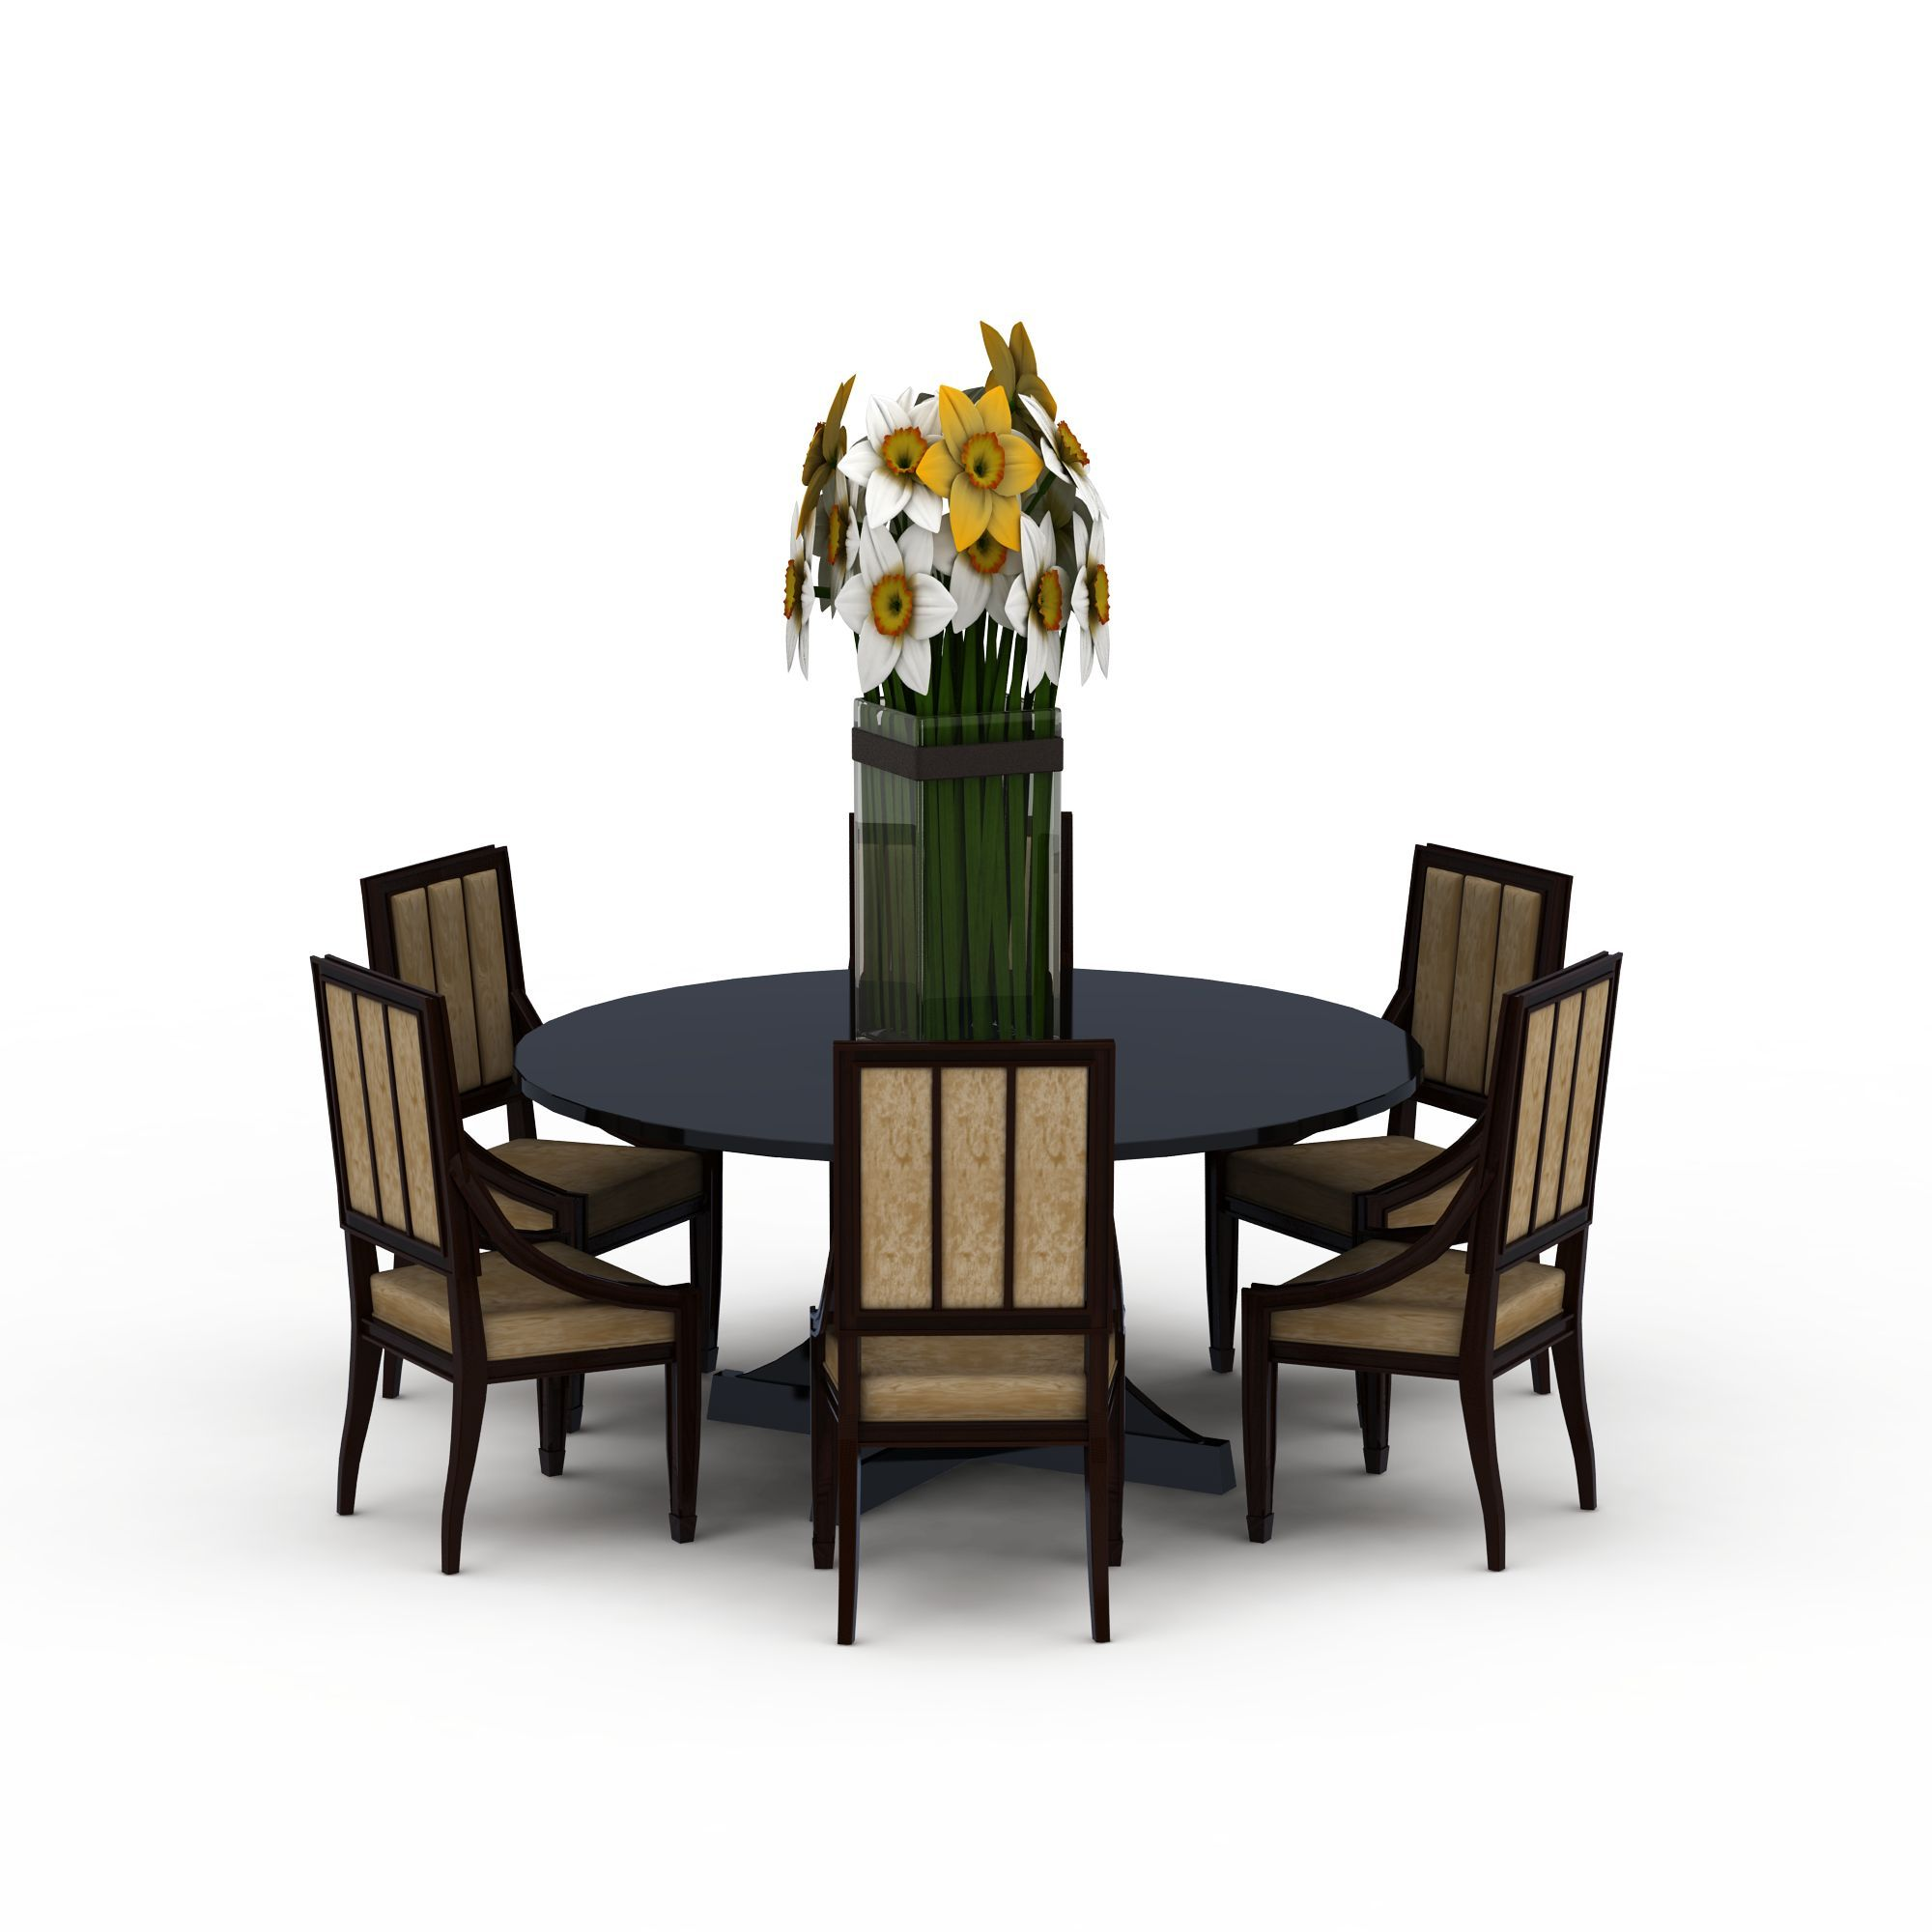 中式风格餐桌图片_中式风格餐桌png图片素材_中式风格图片